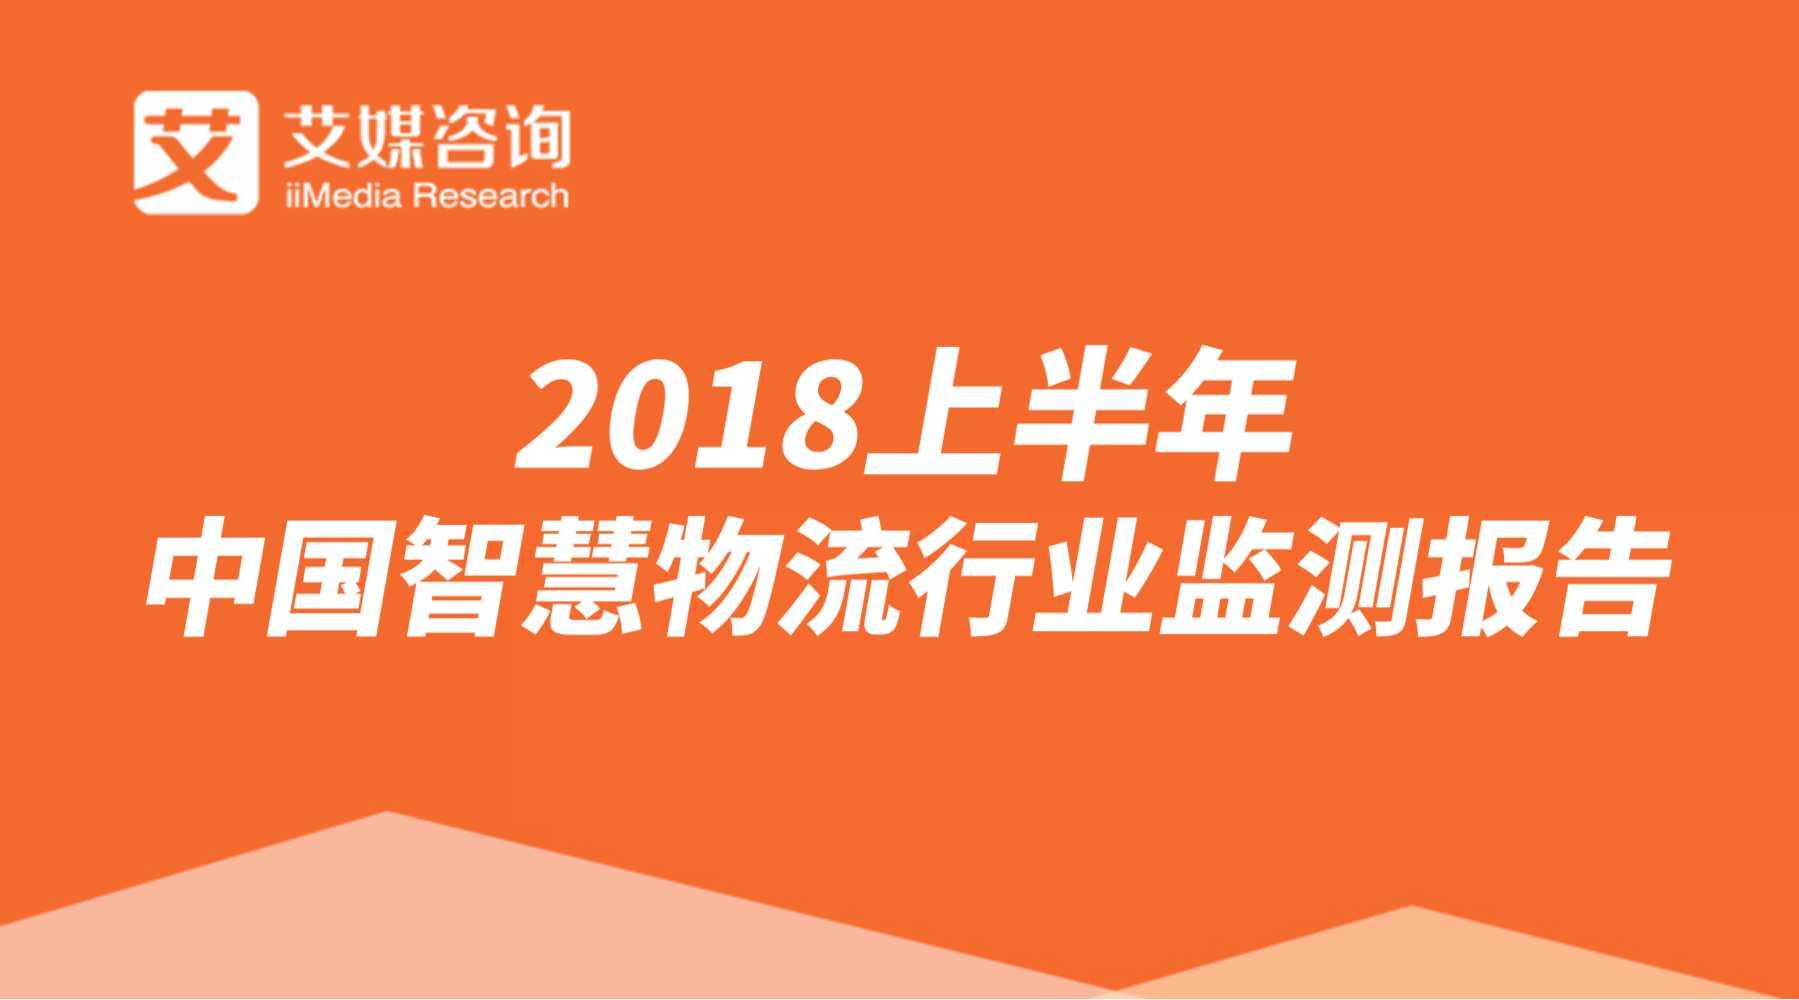 艾媒报告 | 2018上半年中国智慧物流行业监测报告